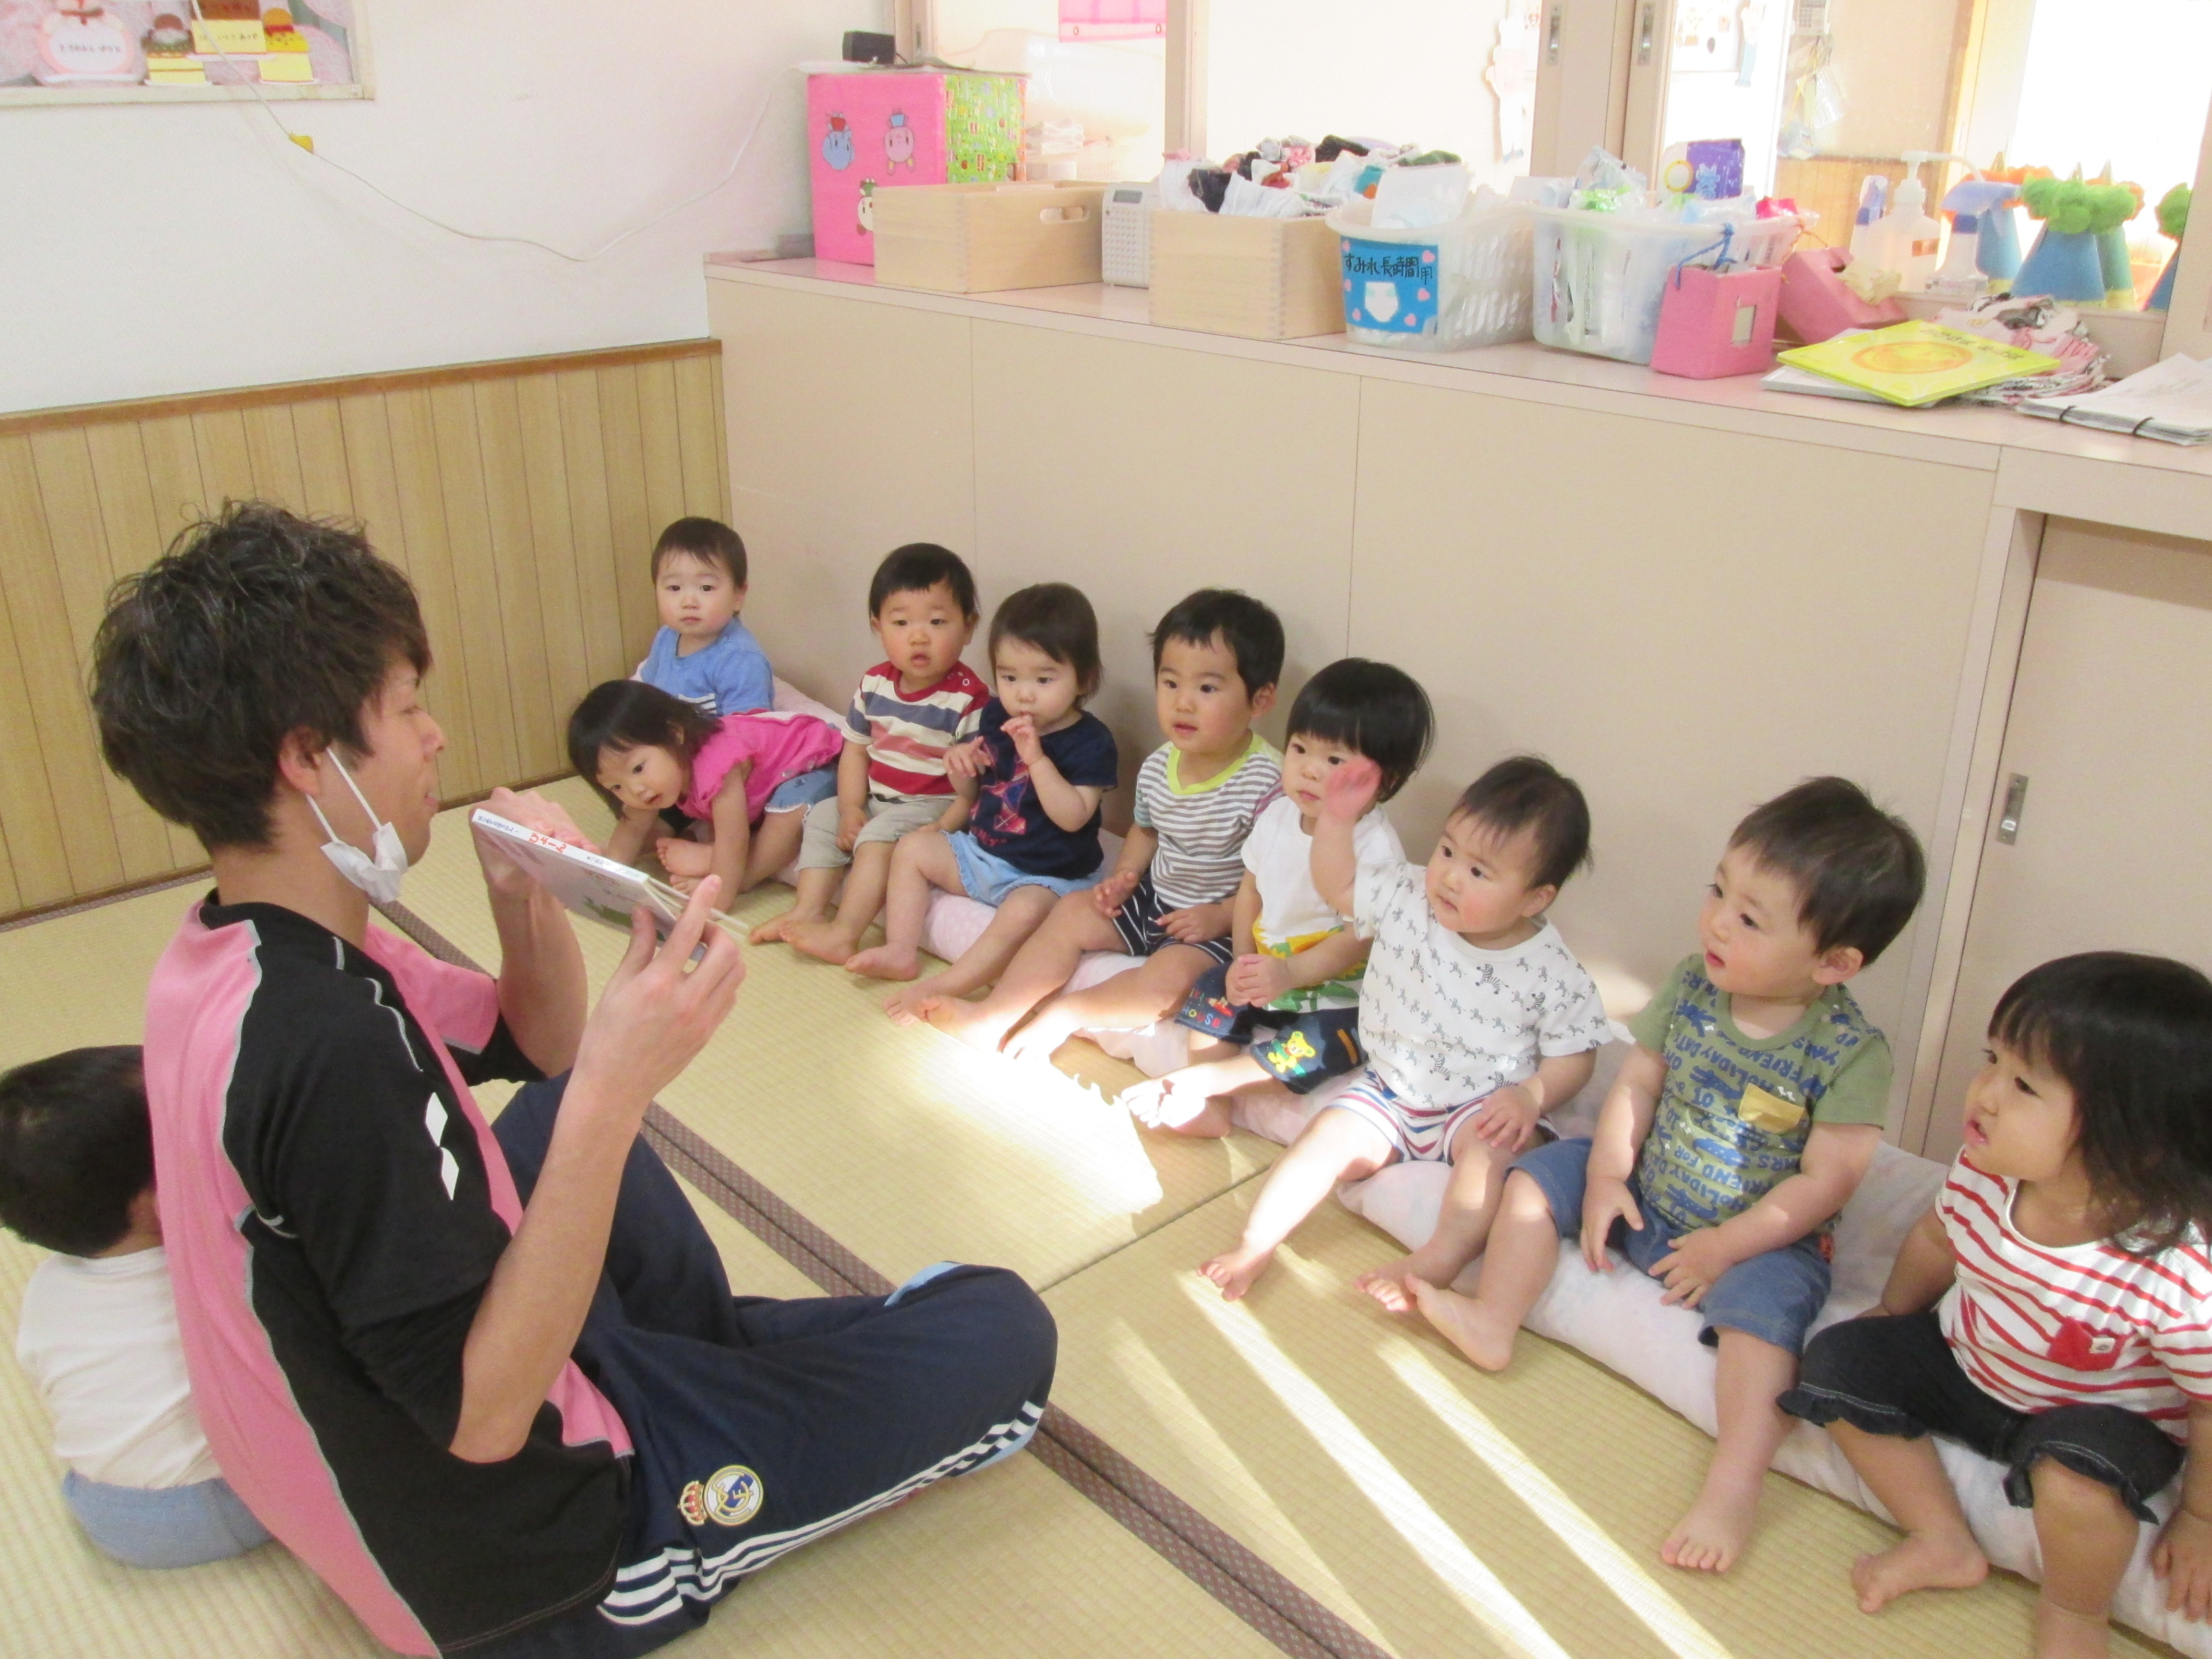 歳児 室内 遊び 2